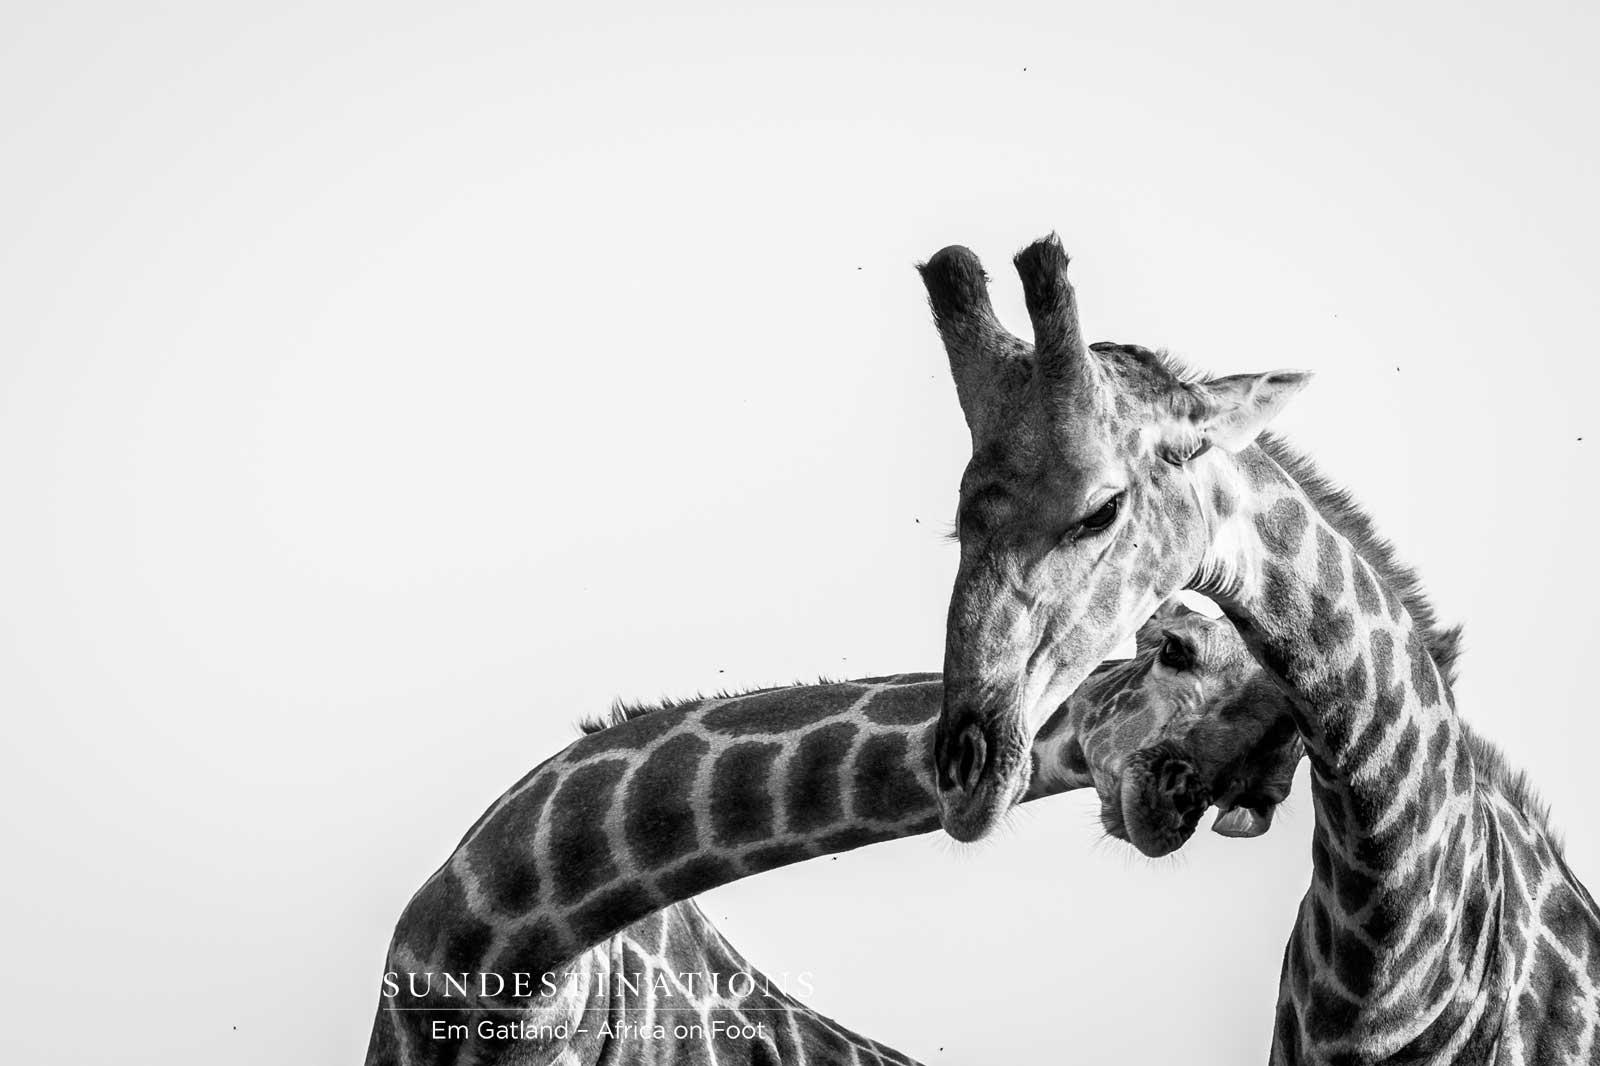 Giraffe Africa on Foot